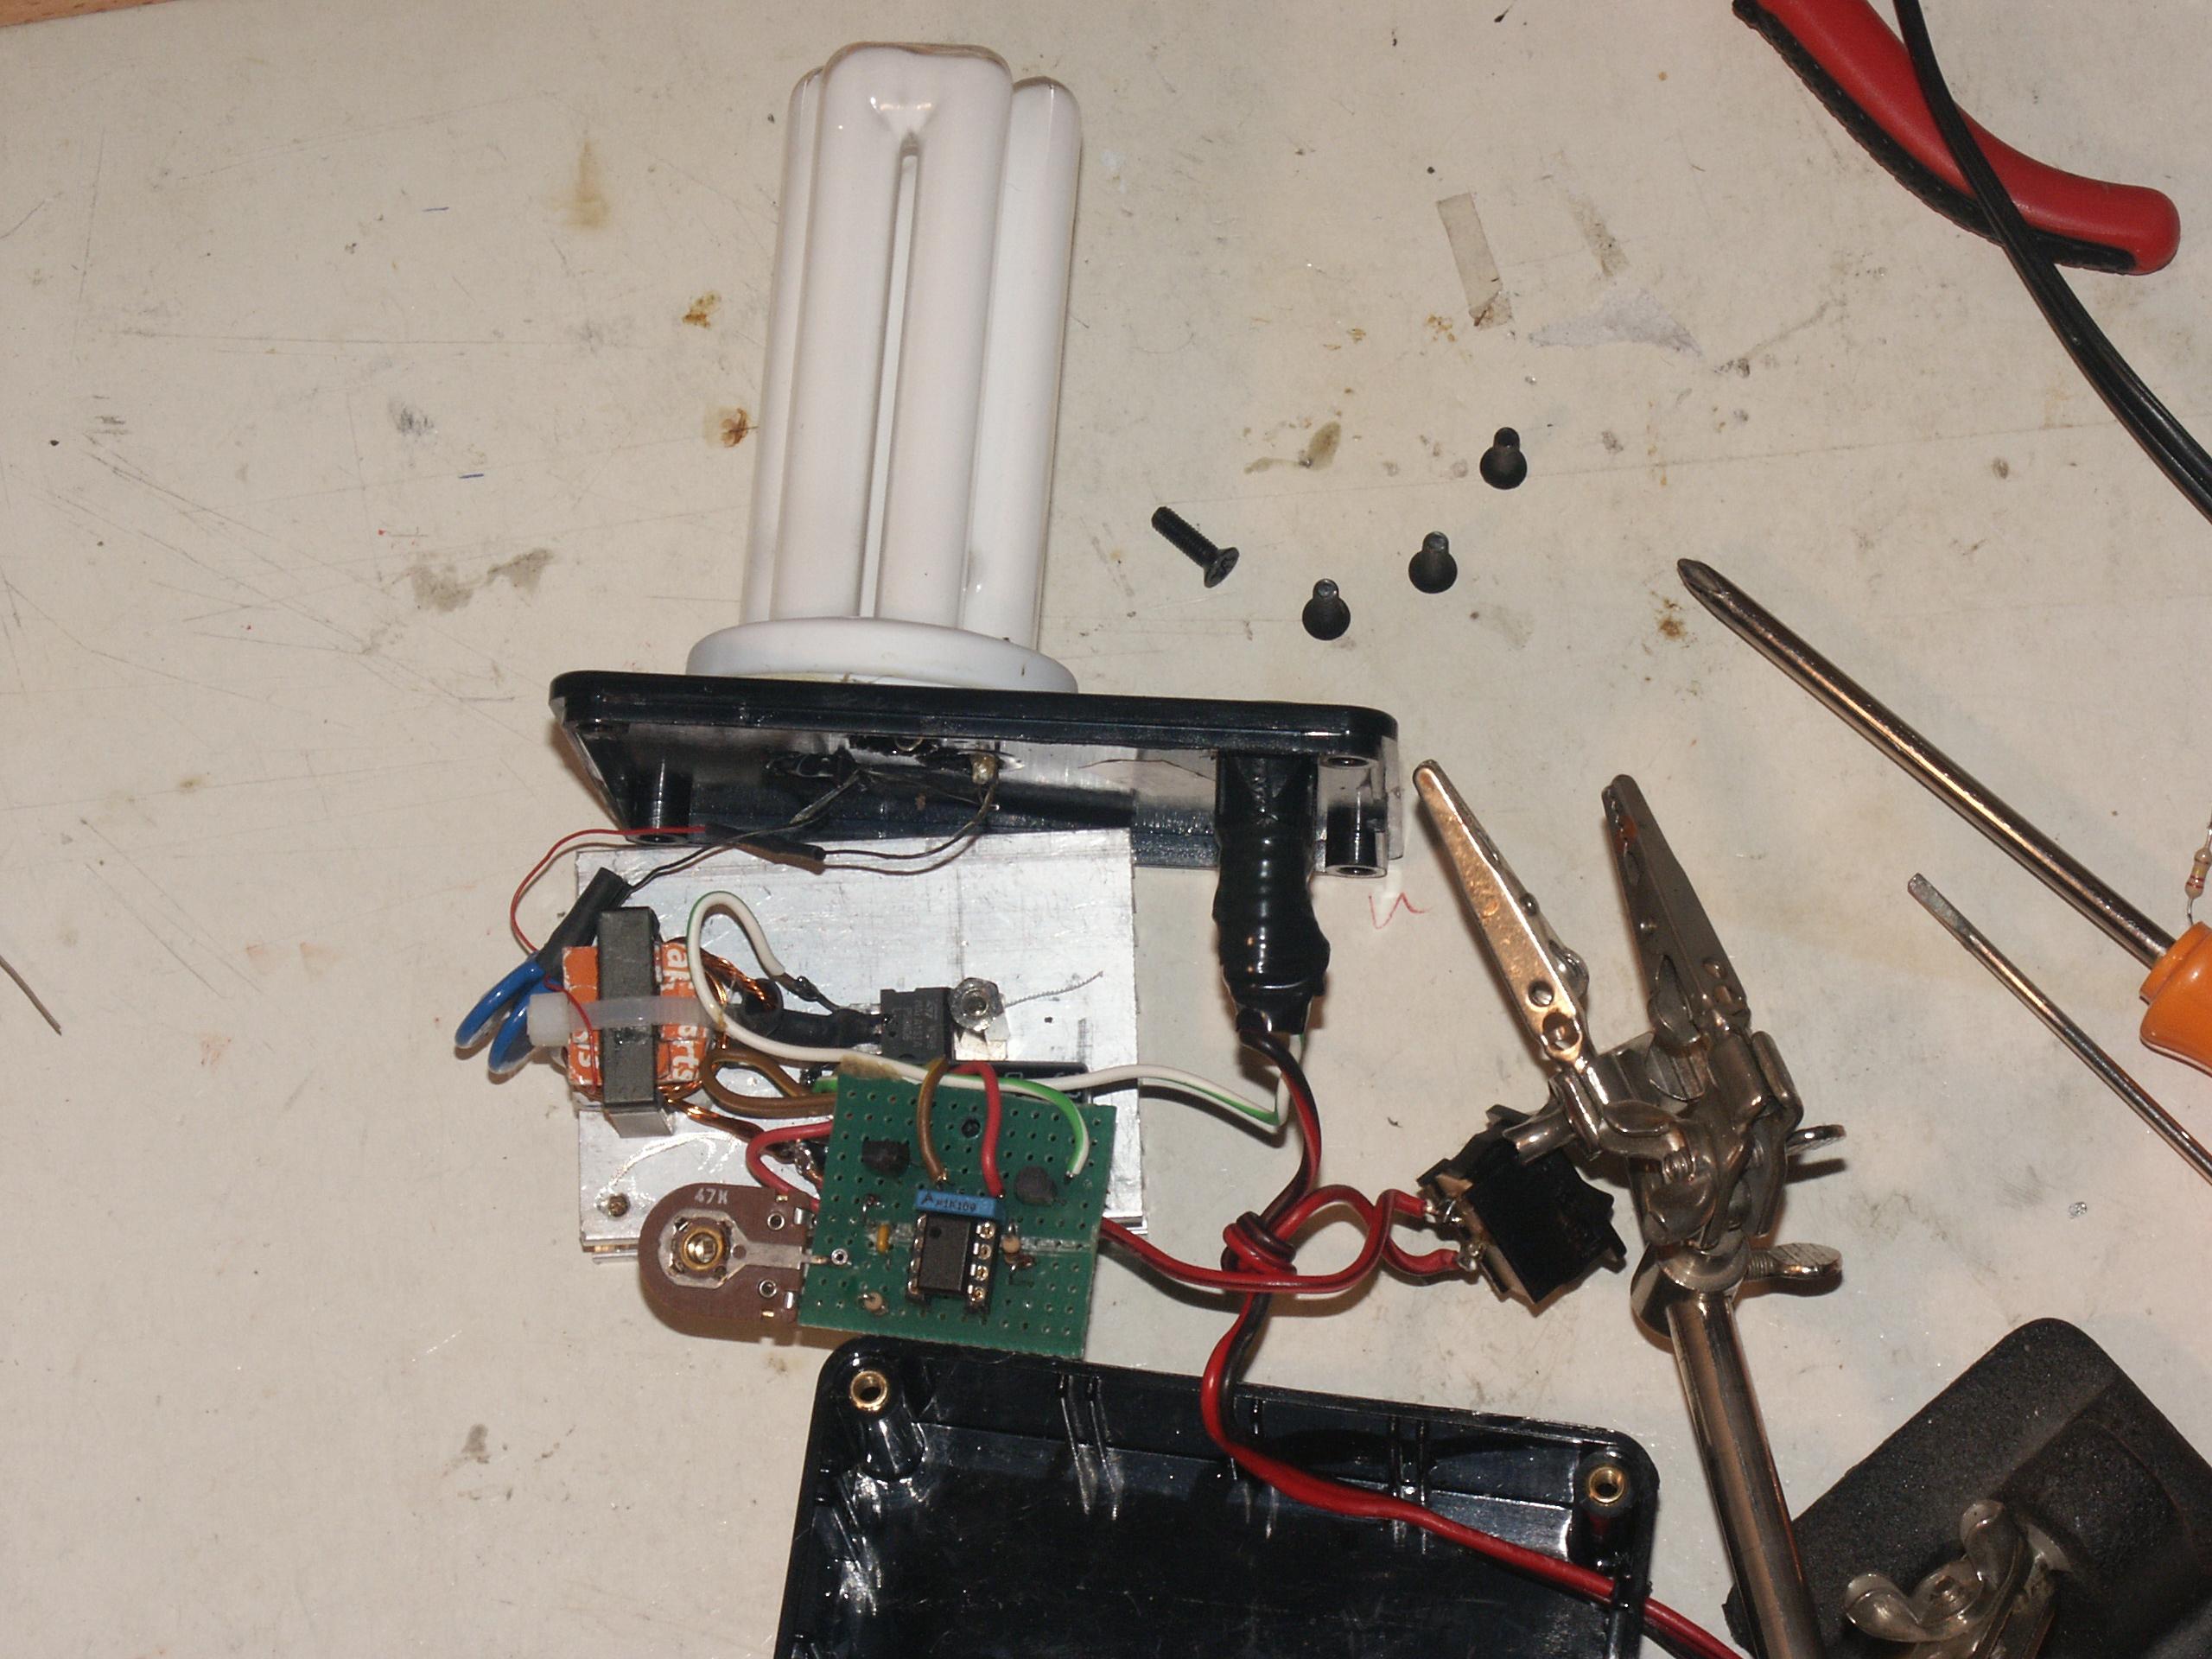 Schema Elettrico Per Tubo Al Neon : Un inverter per lampada fluorescente da 20 w davide bucci